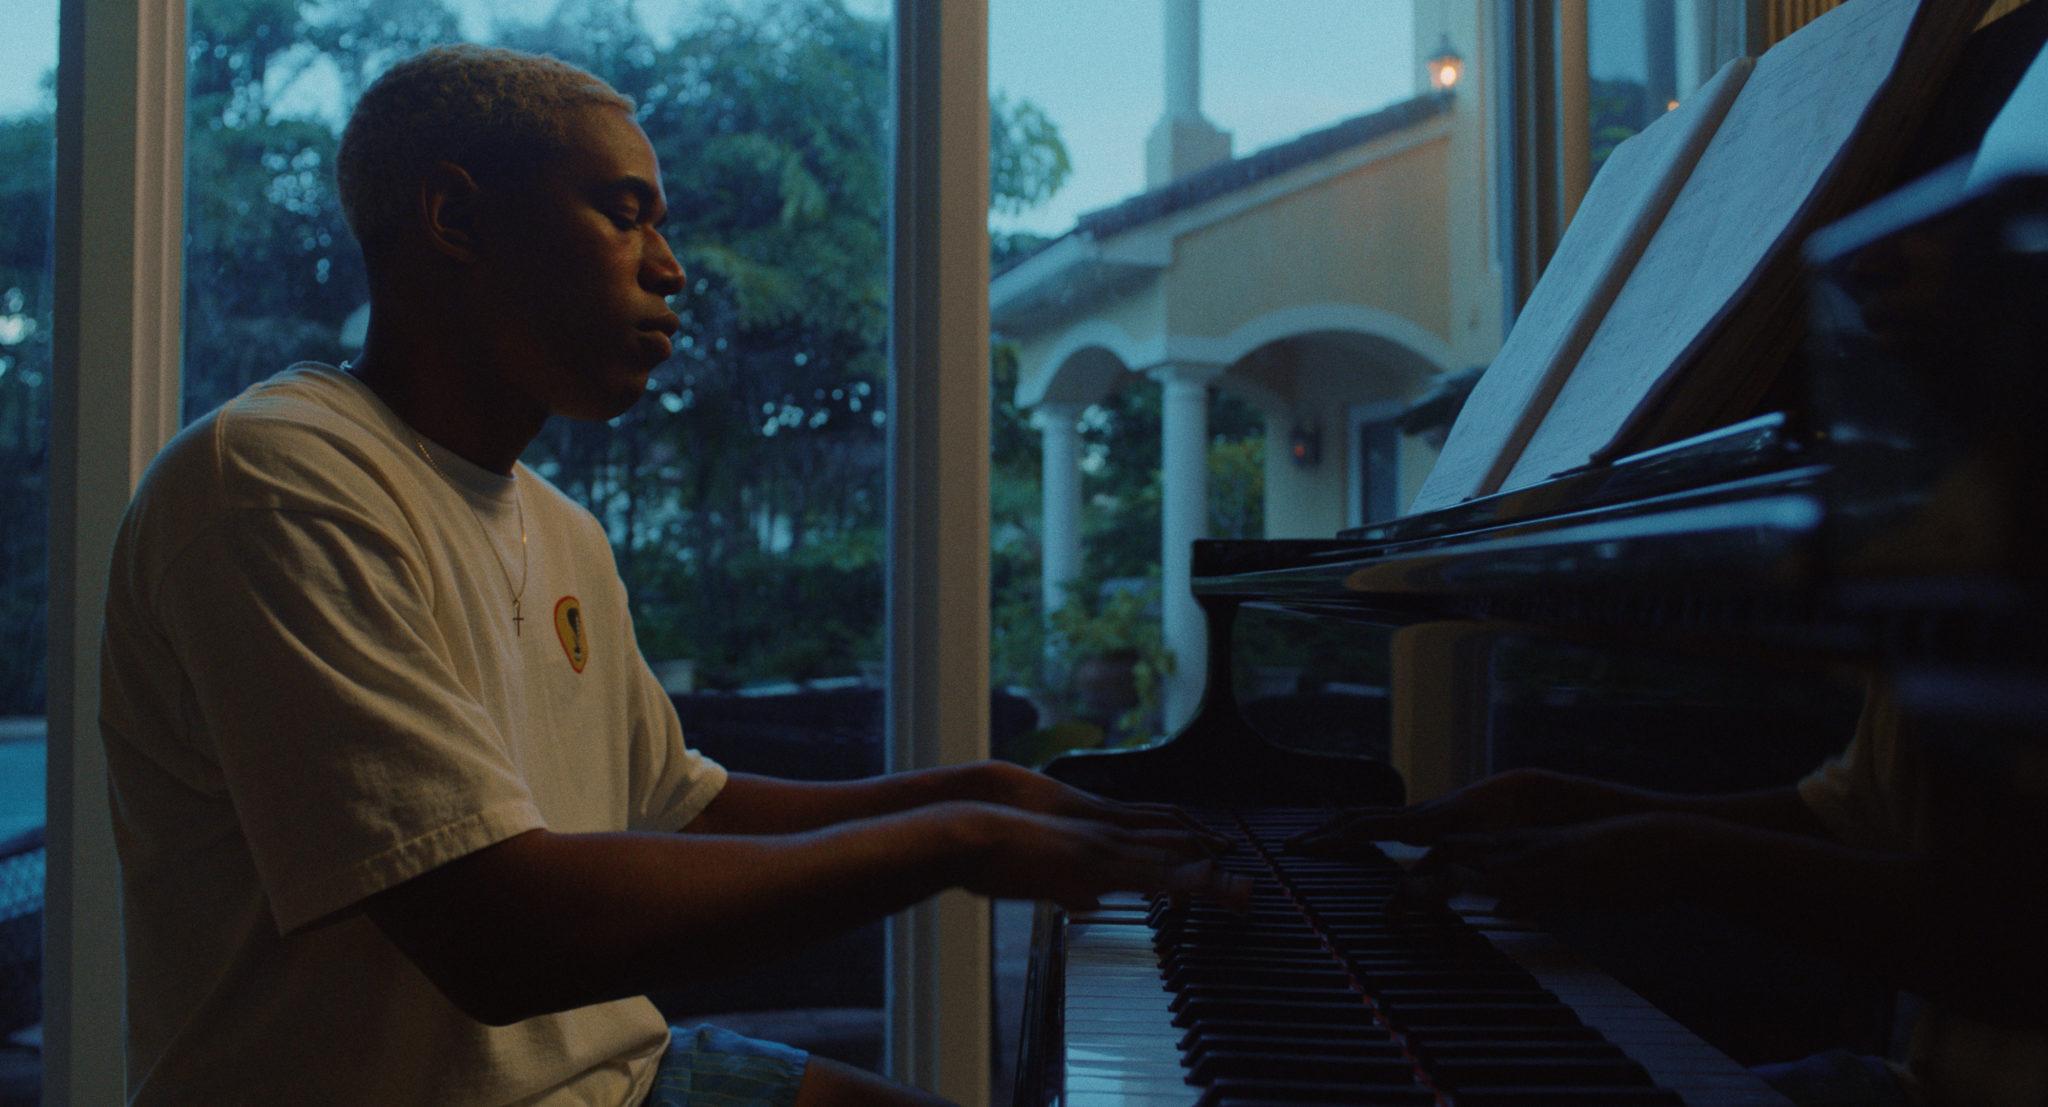 Tyler spielt das Klavier. Er trägt Freizeit Klamotten und im Hintergrund dämmert es.